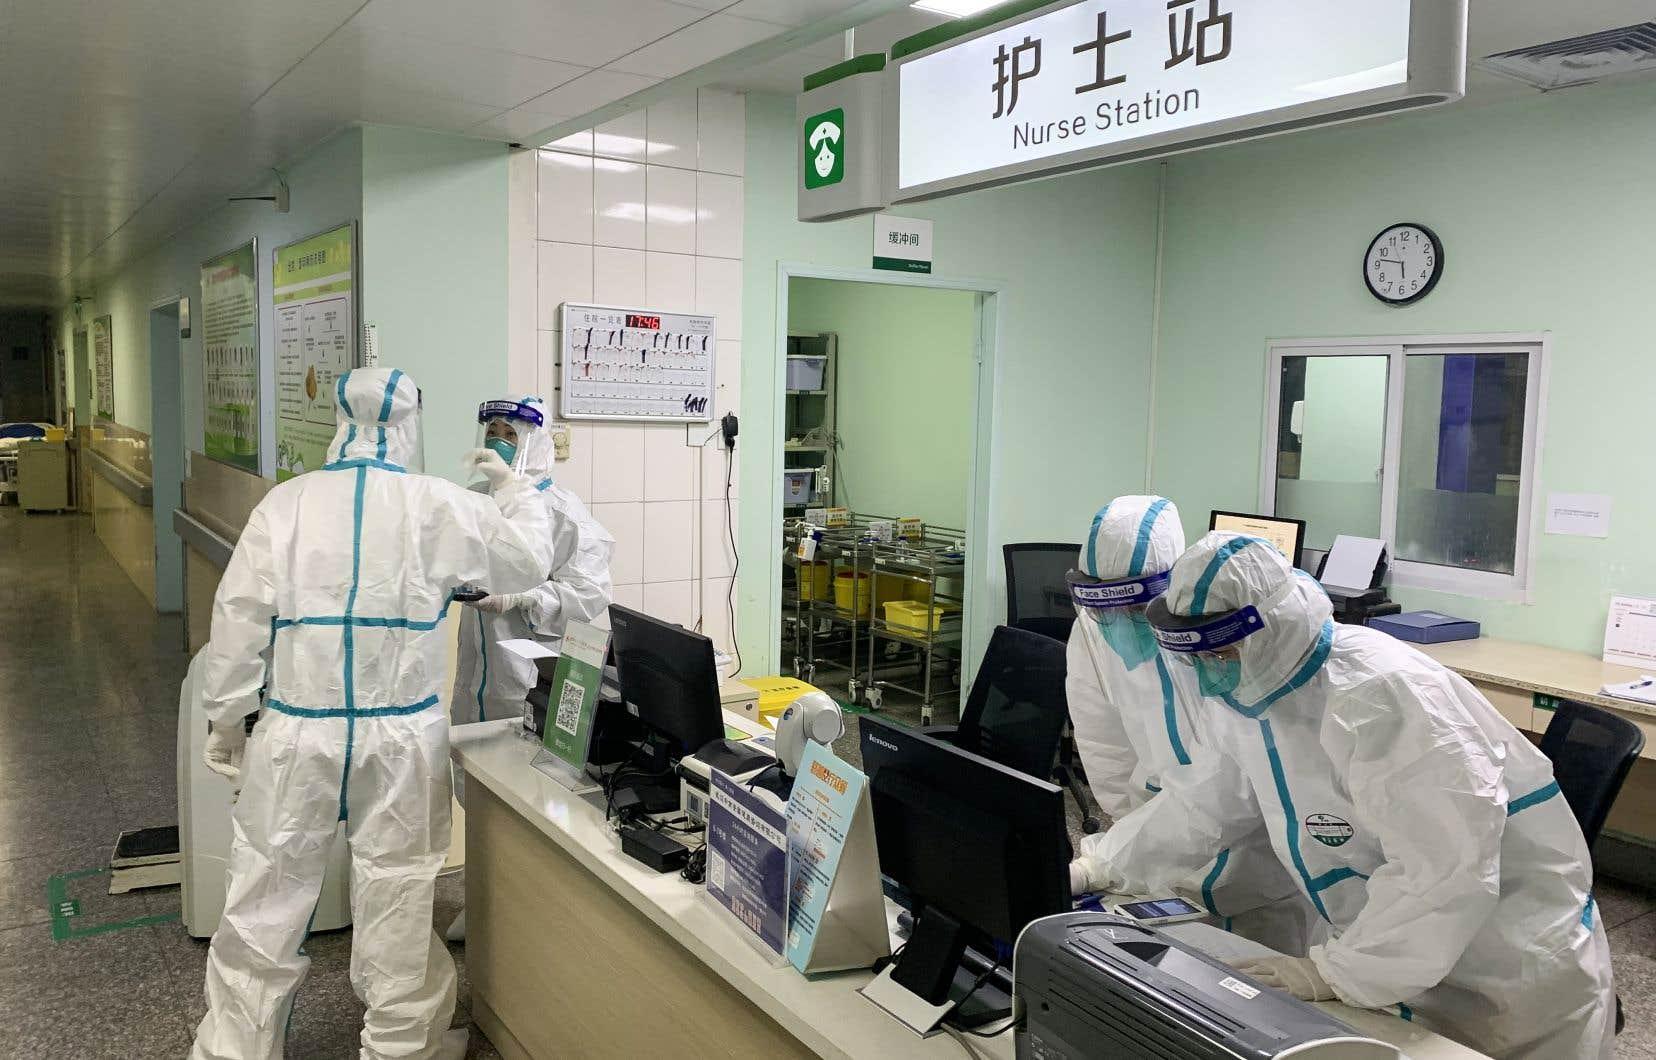 Des membres du personnel médical portant des combinaisons de protection à l'hôpital Zhongnan de Wuhan, dans la province centrale du Hubei en Chine.